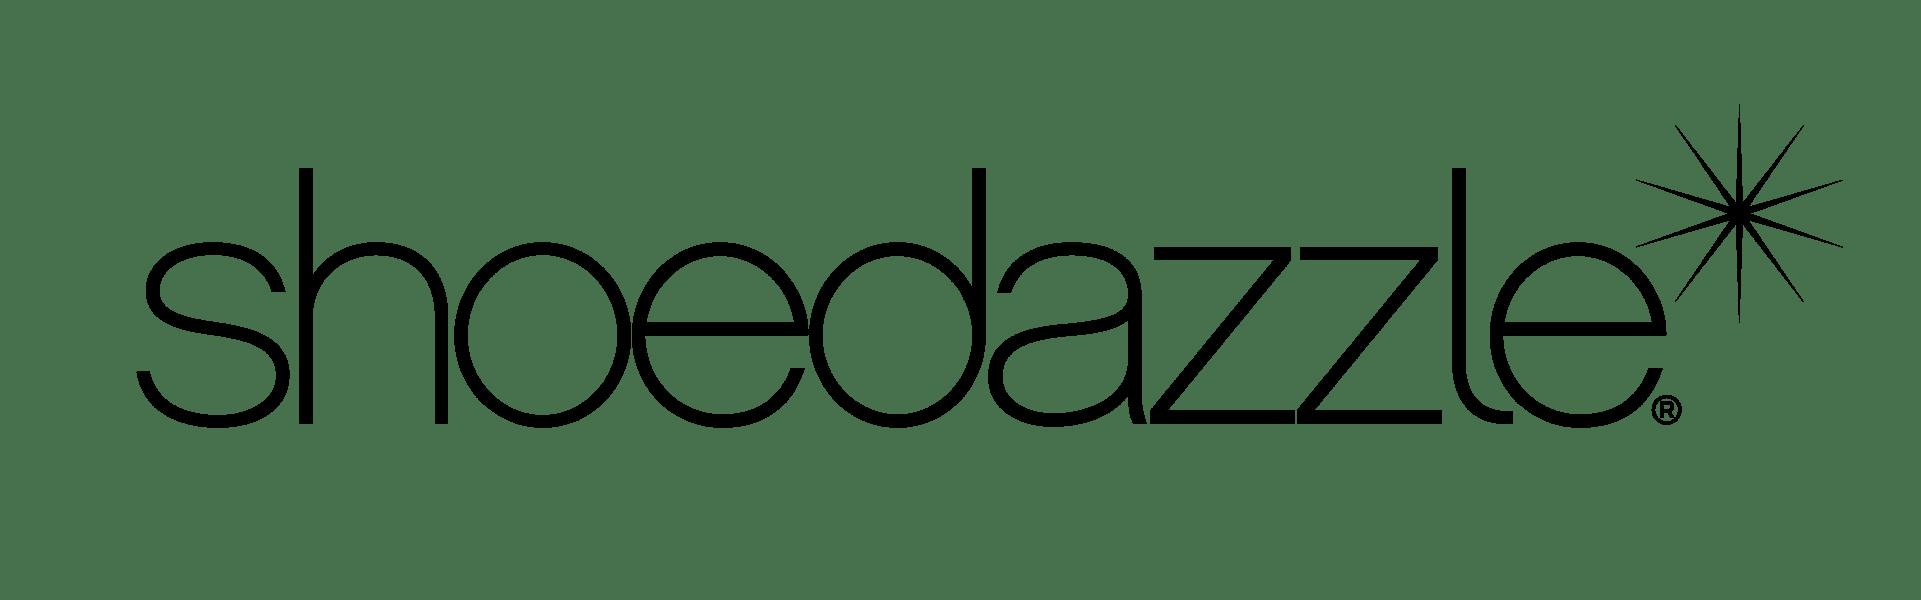 Bryan McNally, company logo